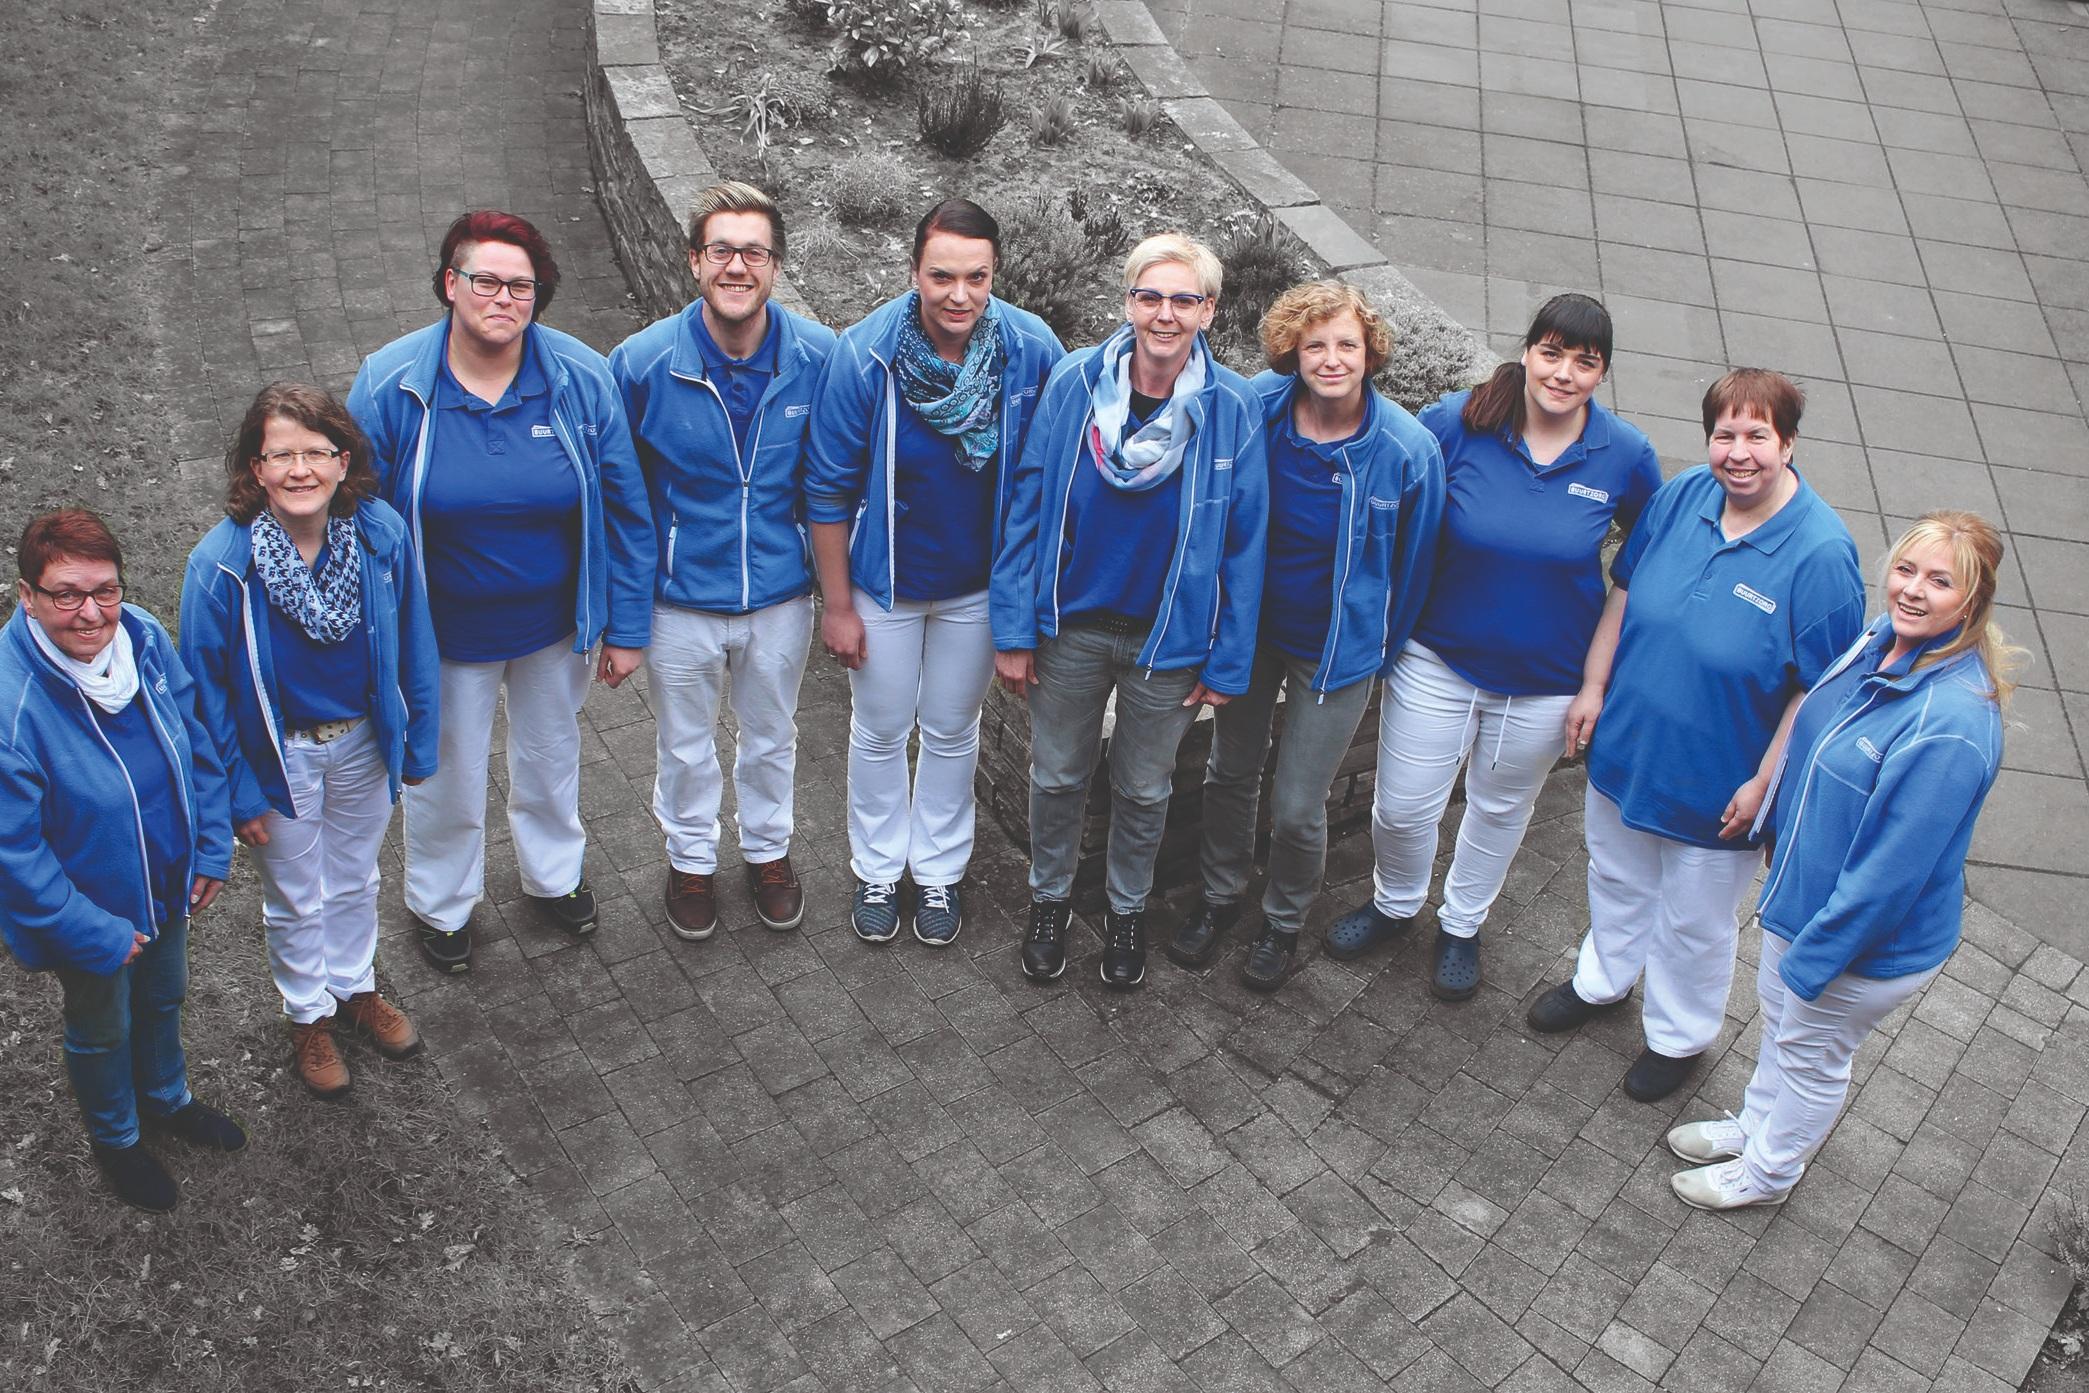 Team Hörstel - 0151 54438554Alte Glashüttenstraße 848477 Hörstelhoerstel@buurtzorg-deutschland.de